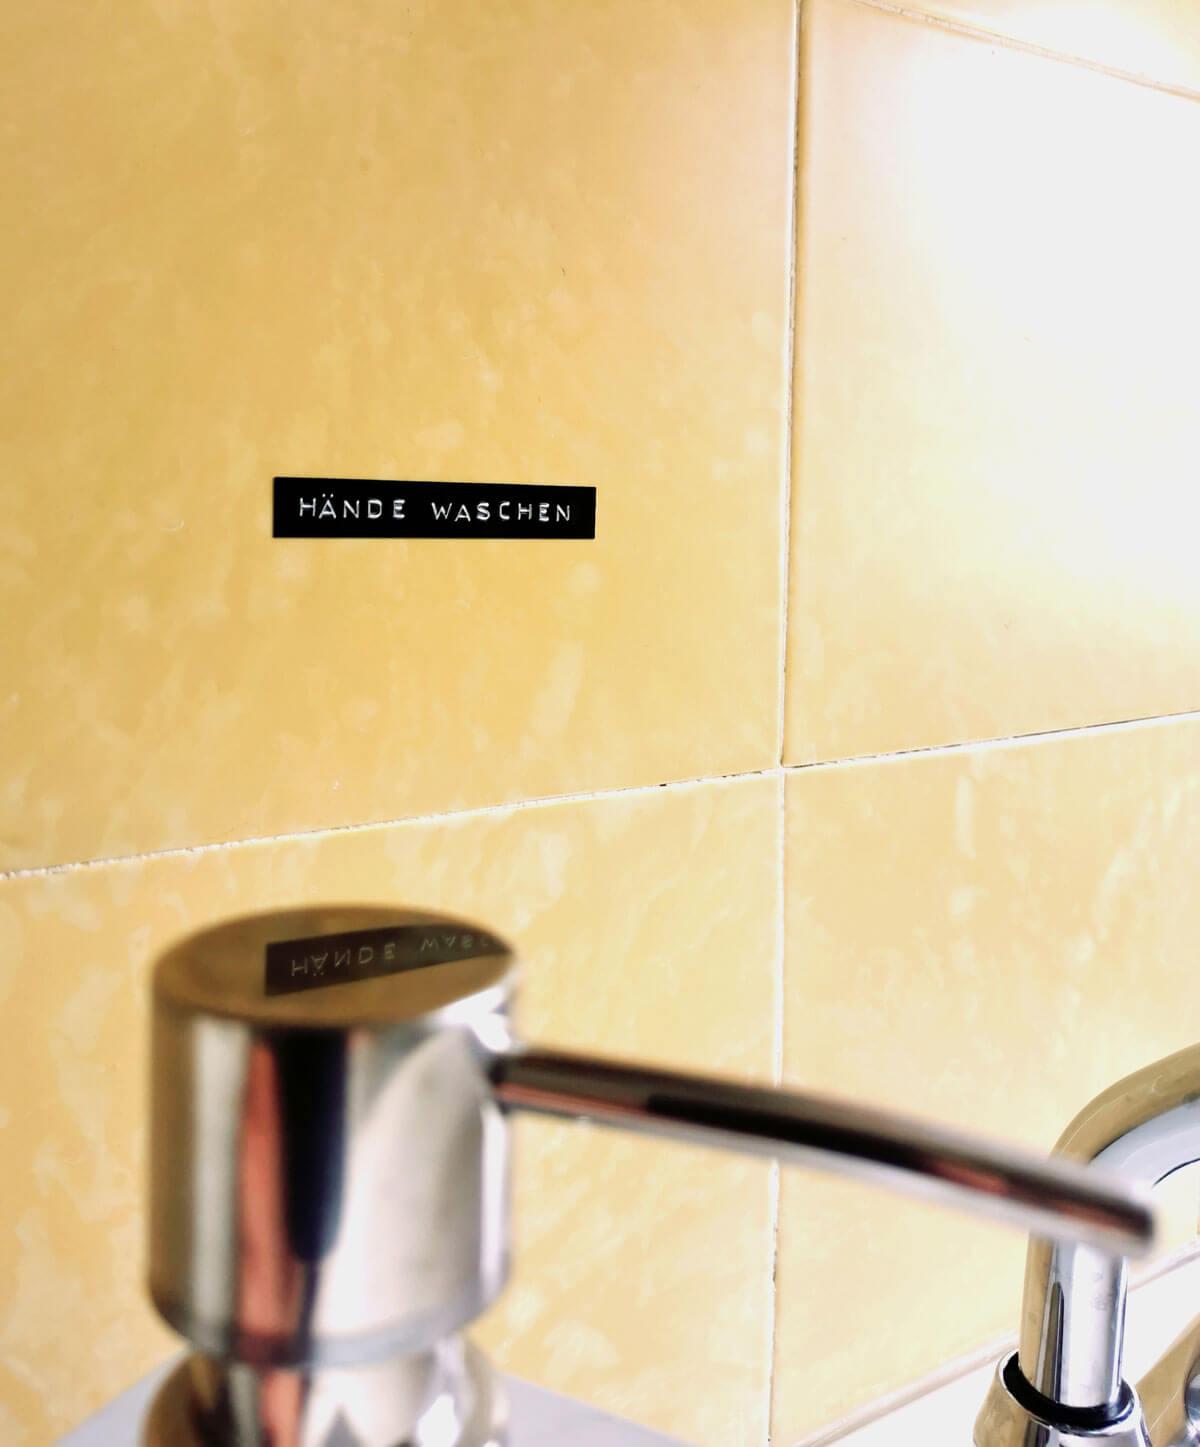 Hände Waschen Schild auf Fliesen